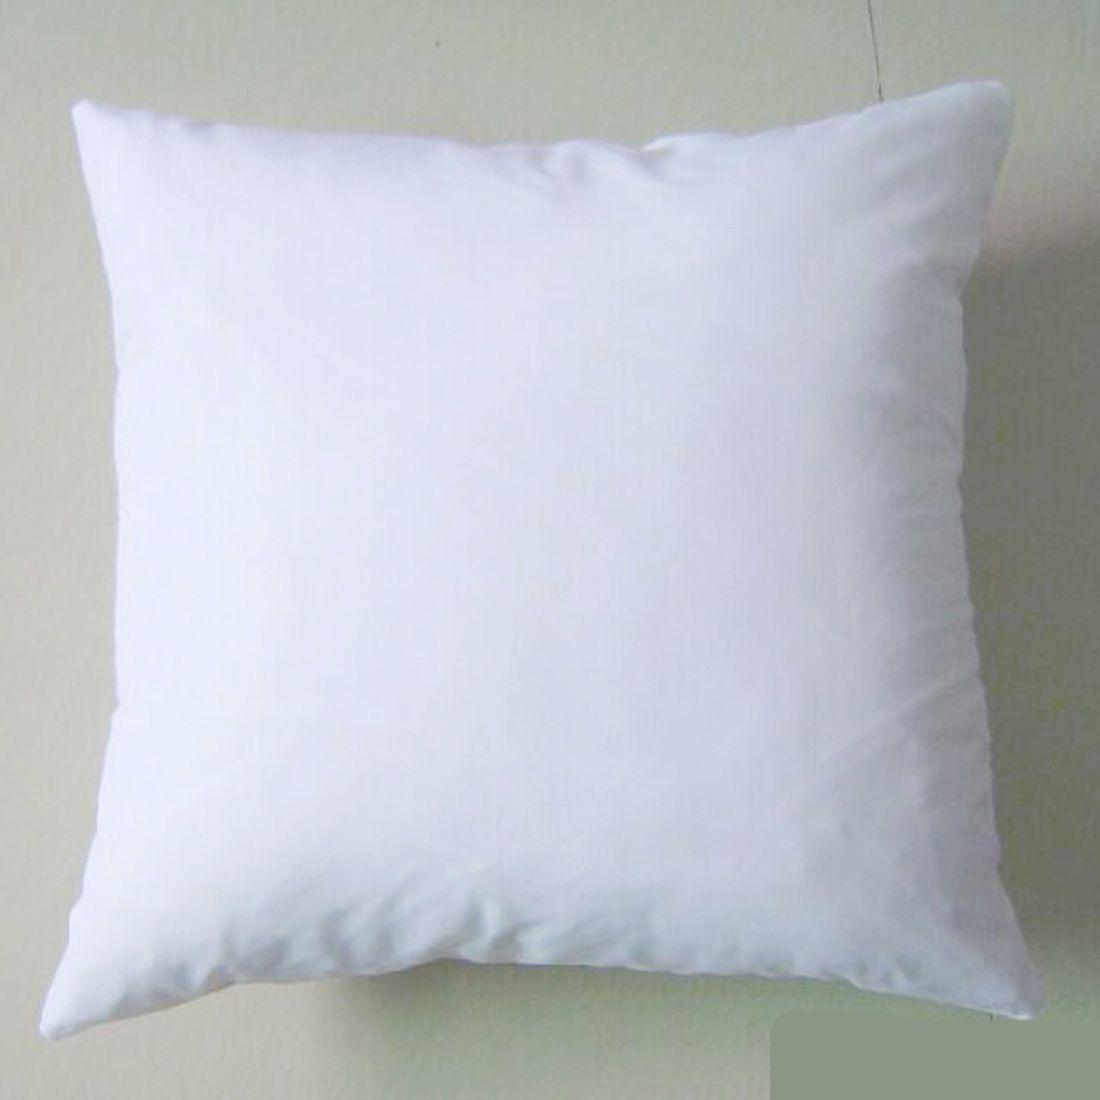 Plain white pillowcases for crafts - Bulk Pillowcases For Crafts Bulk Pillowcases For Crafts 12